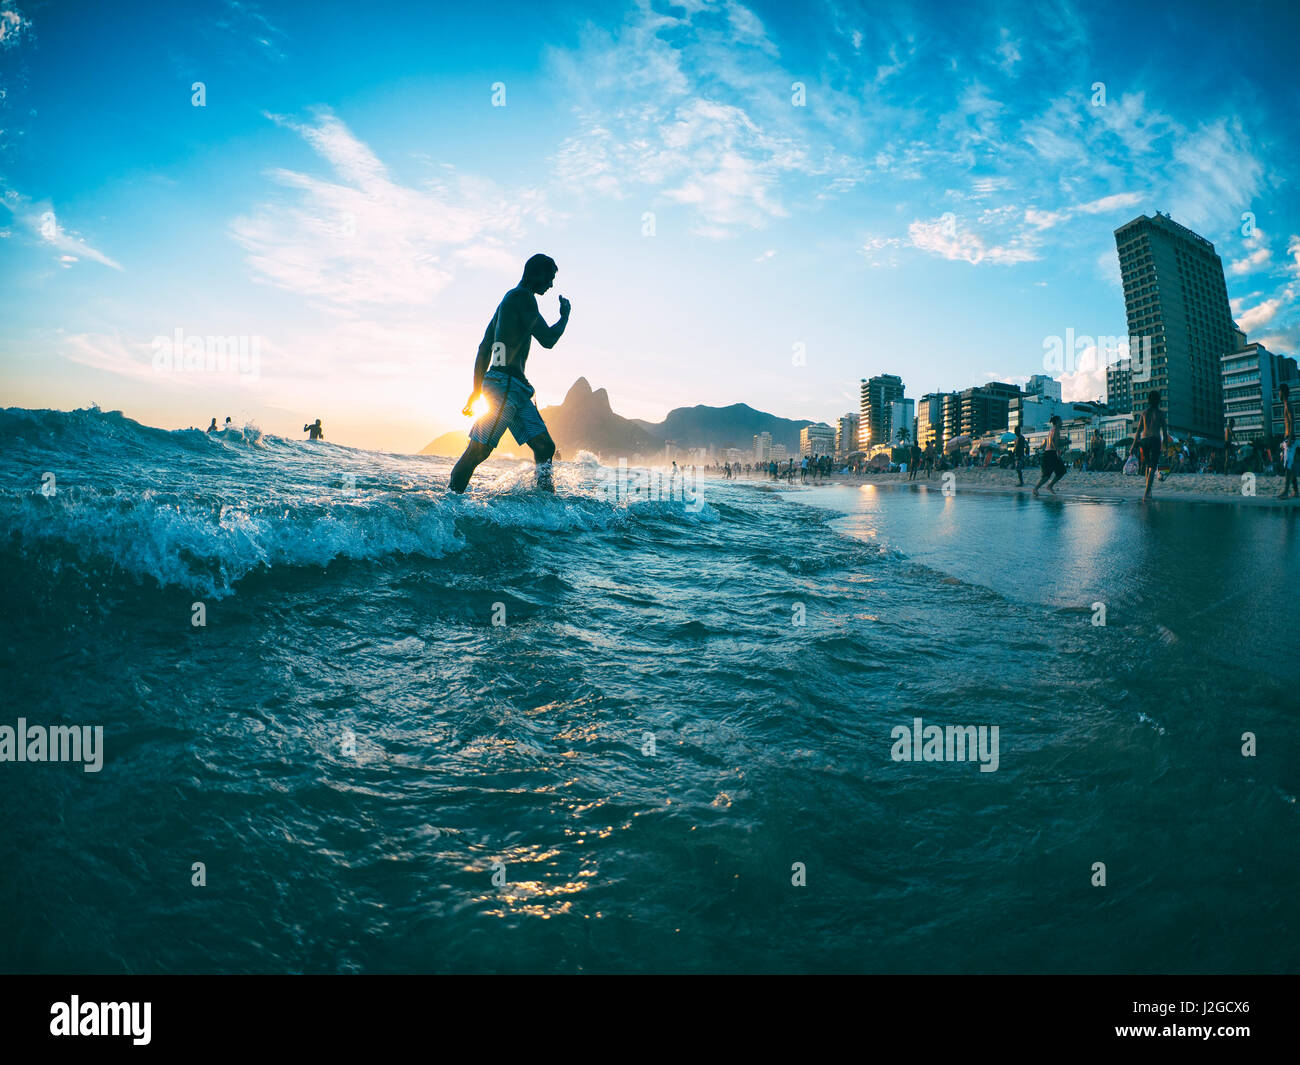 RIO DE JANEIRO - Febbraio 2, 2013: un giovane brasiliano passeggiate attraverso le onde sulla riva della spiaggia Immagini Stock